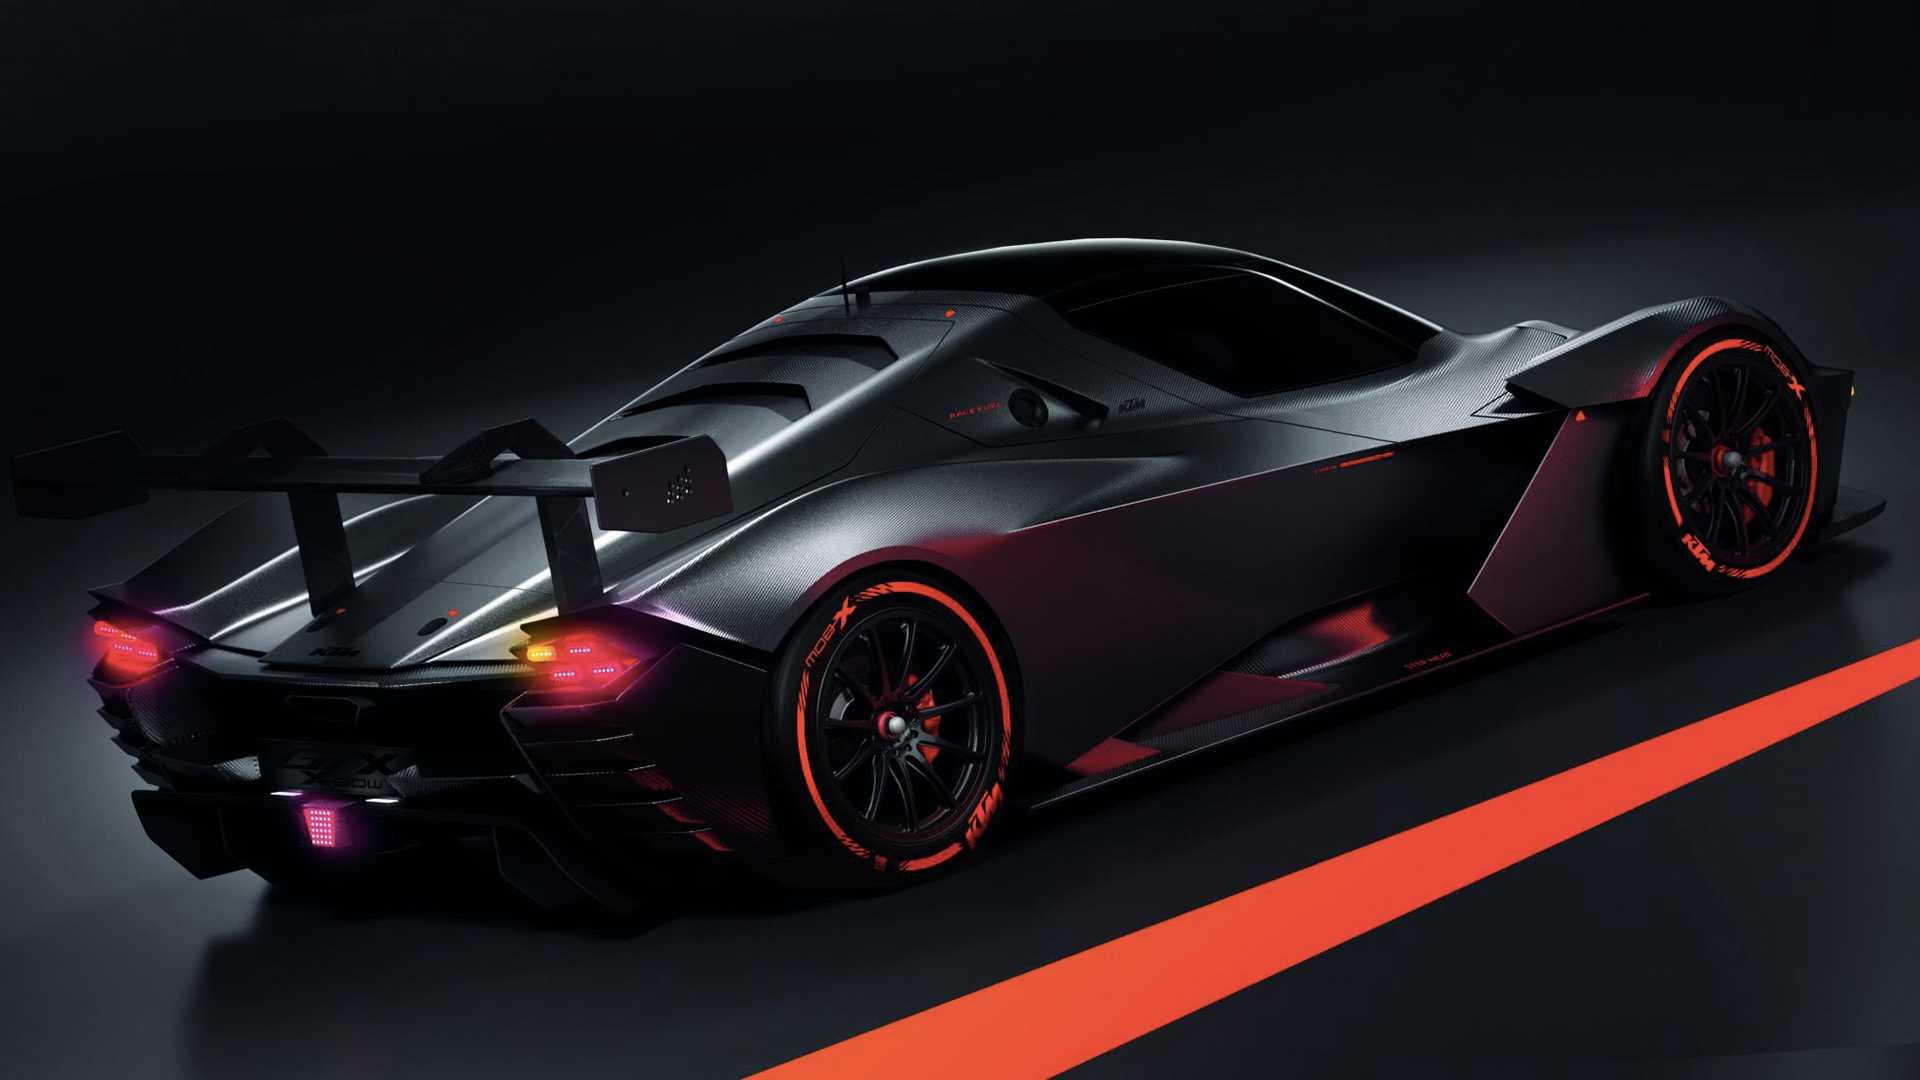 KTM mostra que também sabe fazer carros com o novo X-Bow GTX